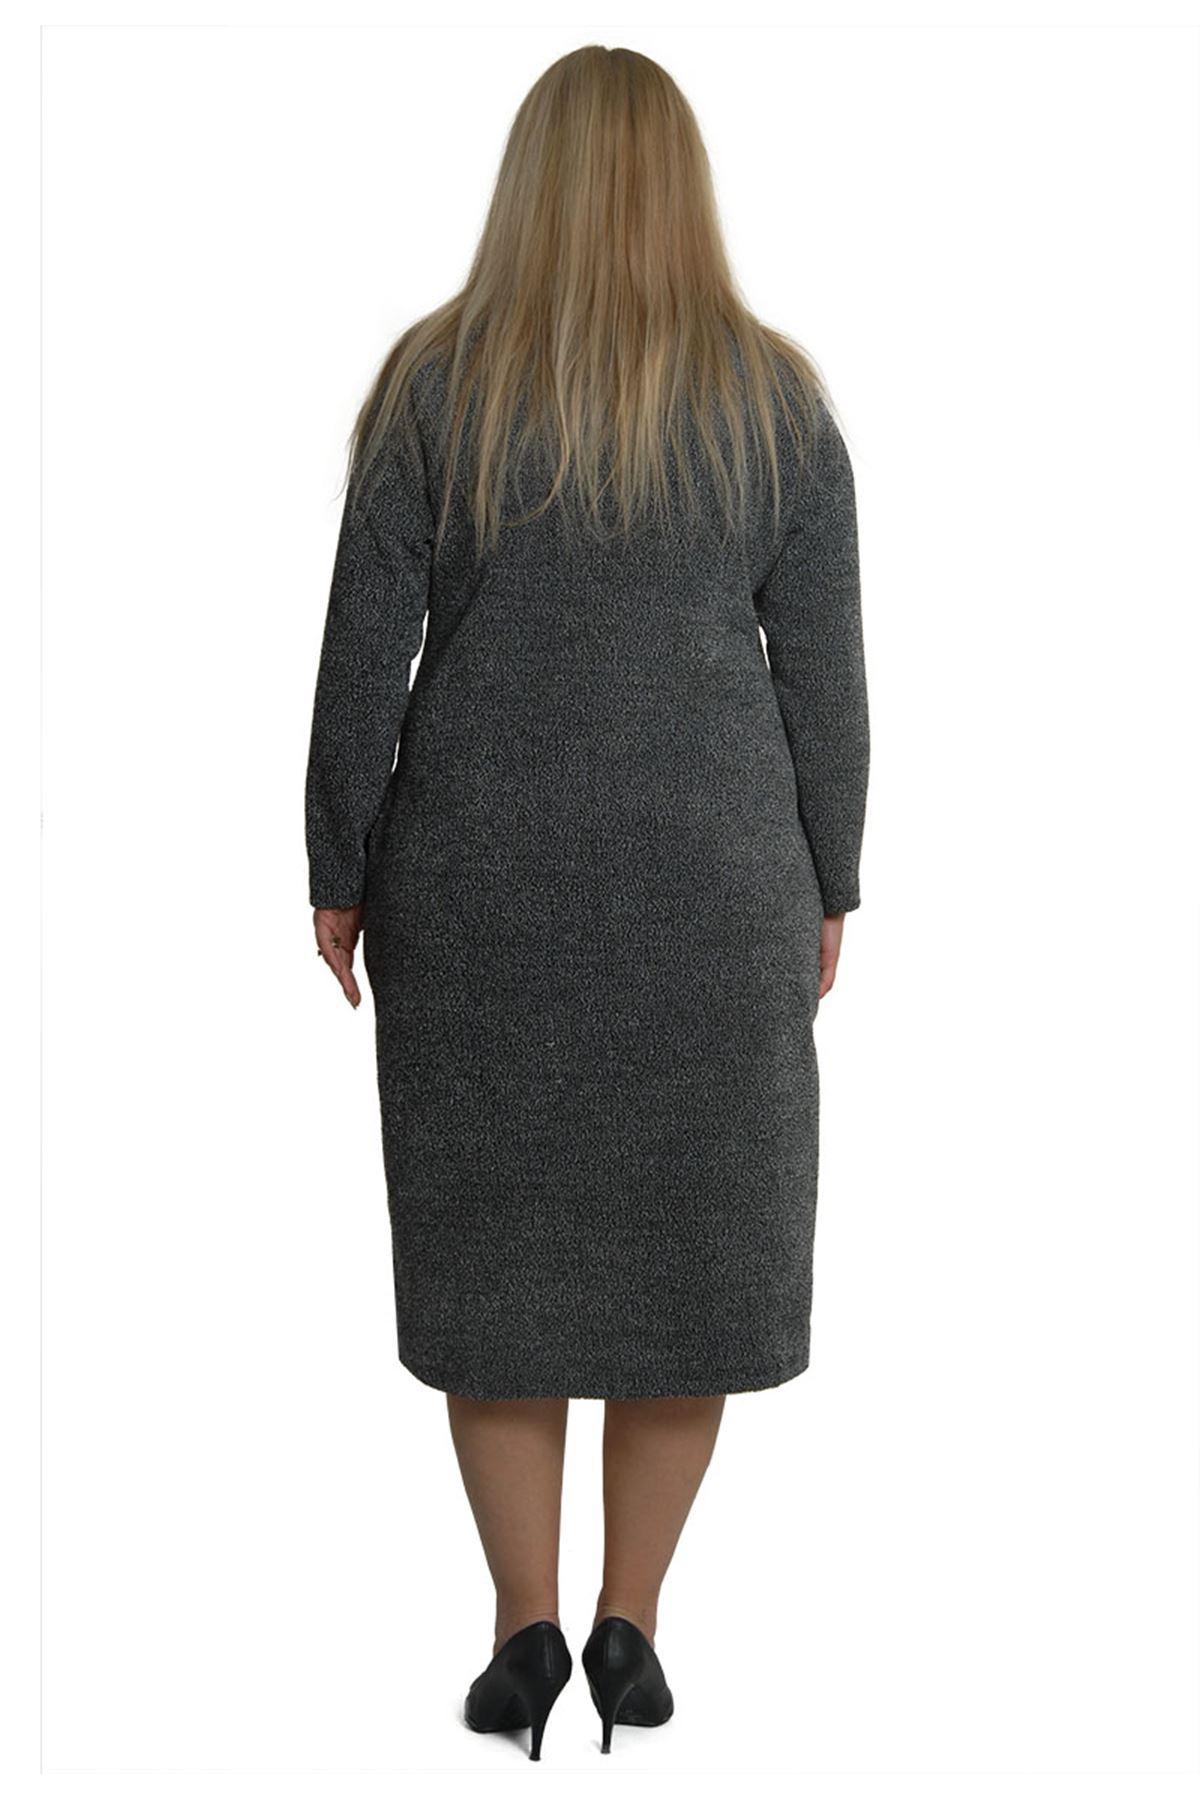 Büyük Beden Kışlık Cepli Elbise 3B-0382